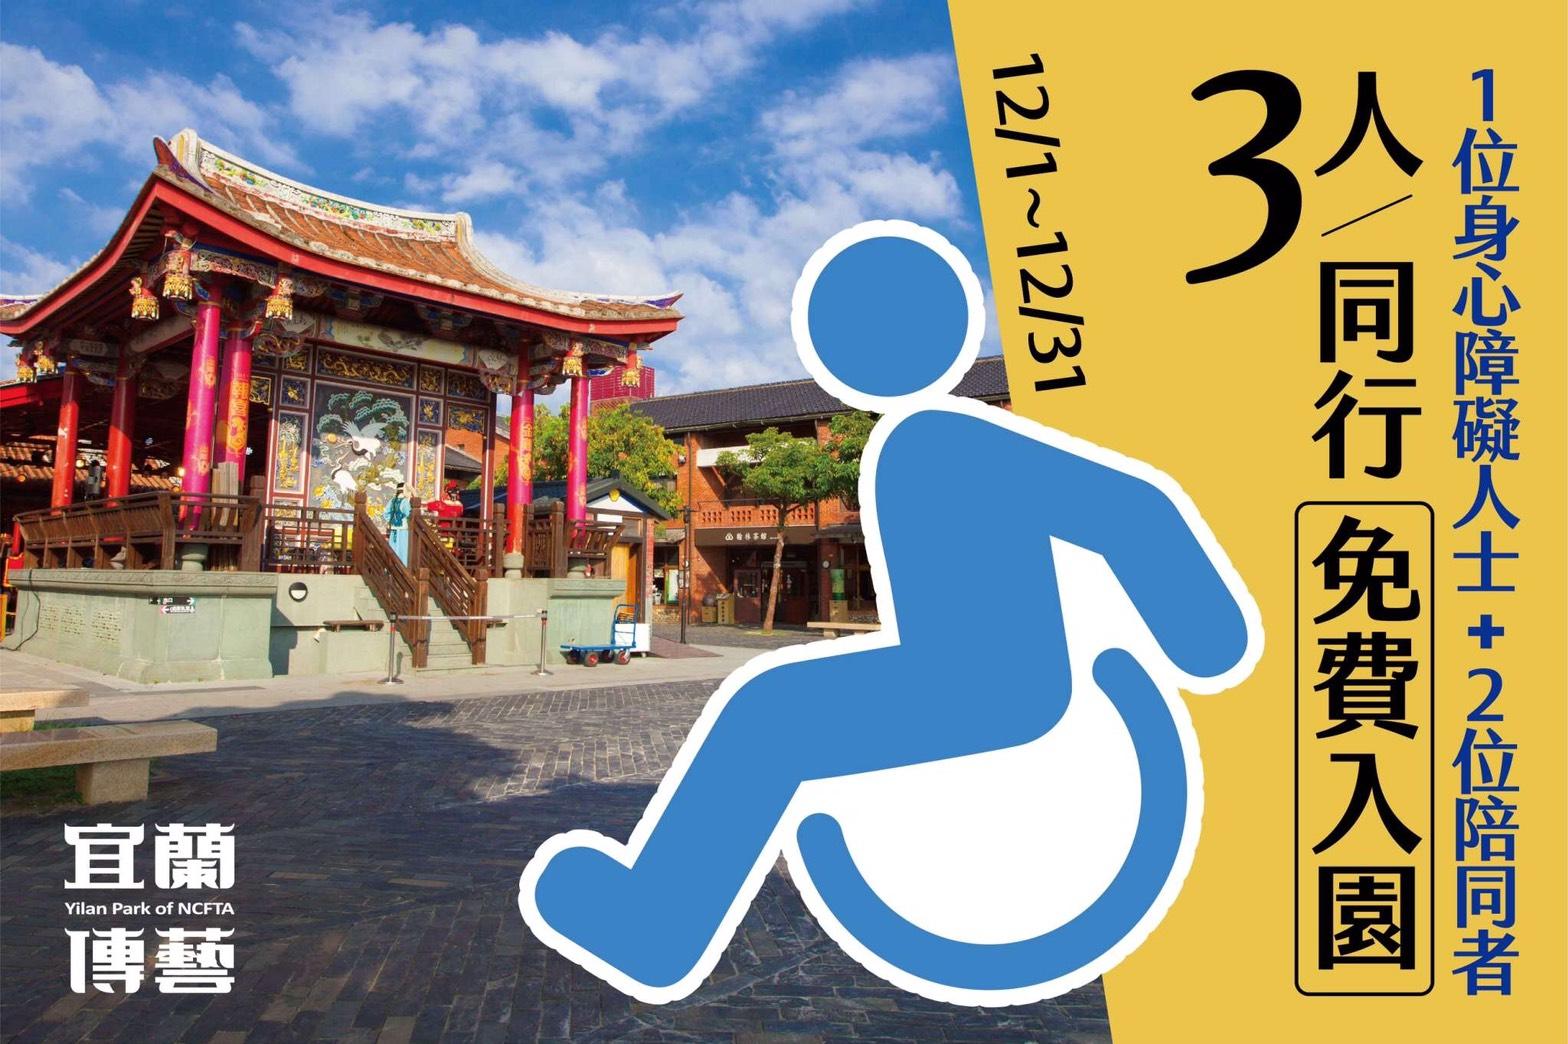 宜蘭傳藝園區:2020/12/1-2020/12/31【身障123免費入園】